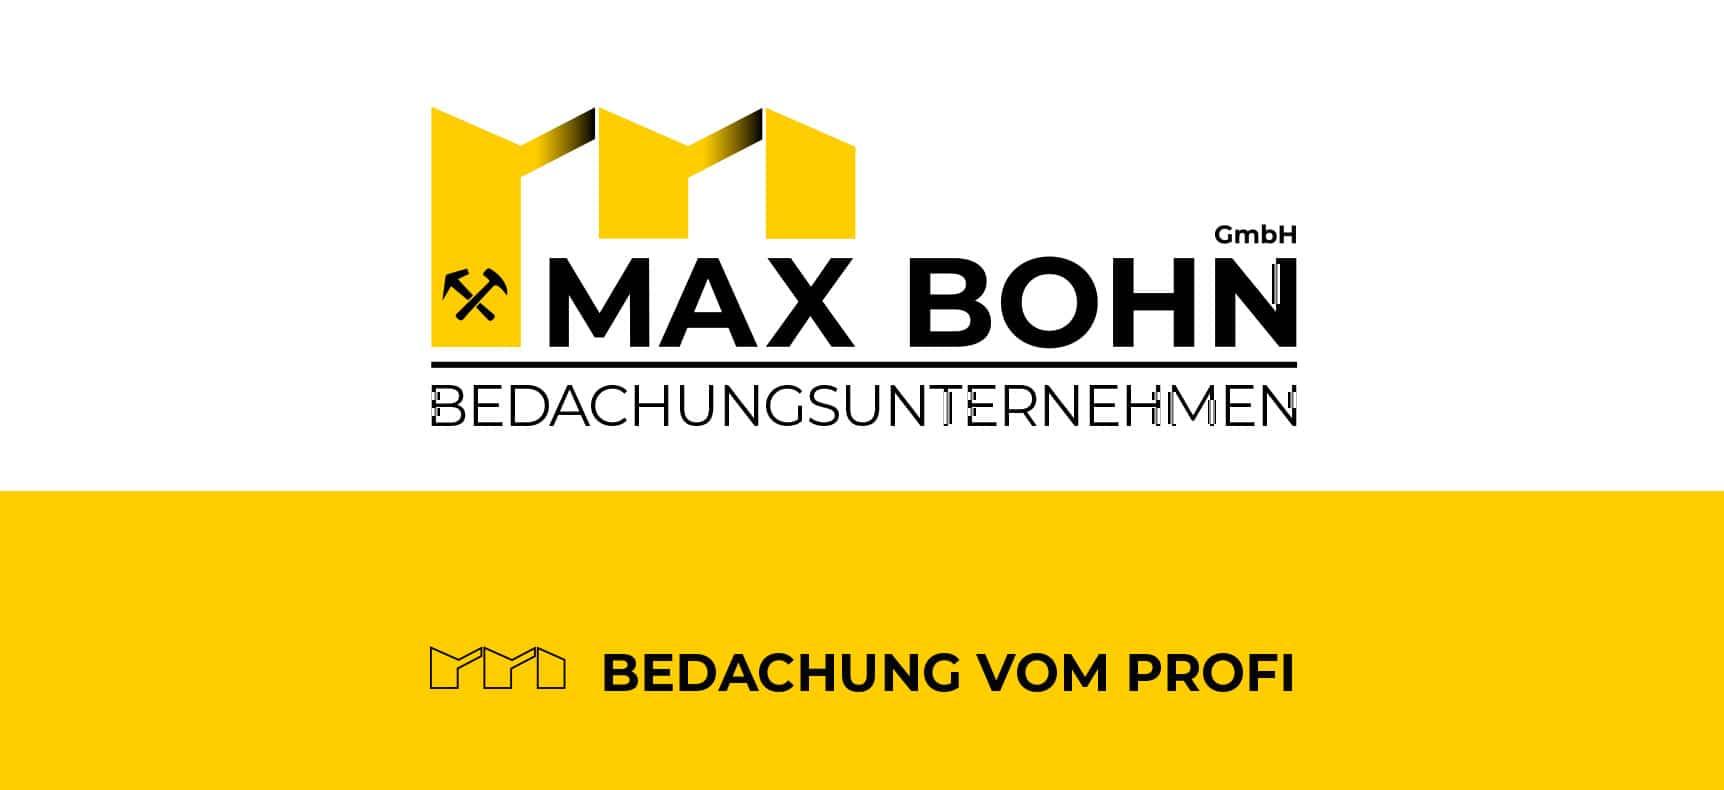 Max Bohn GmbH   Corporate Design entwickelt von StatusZwo.com